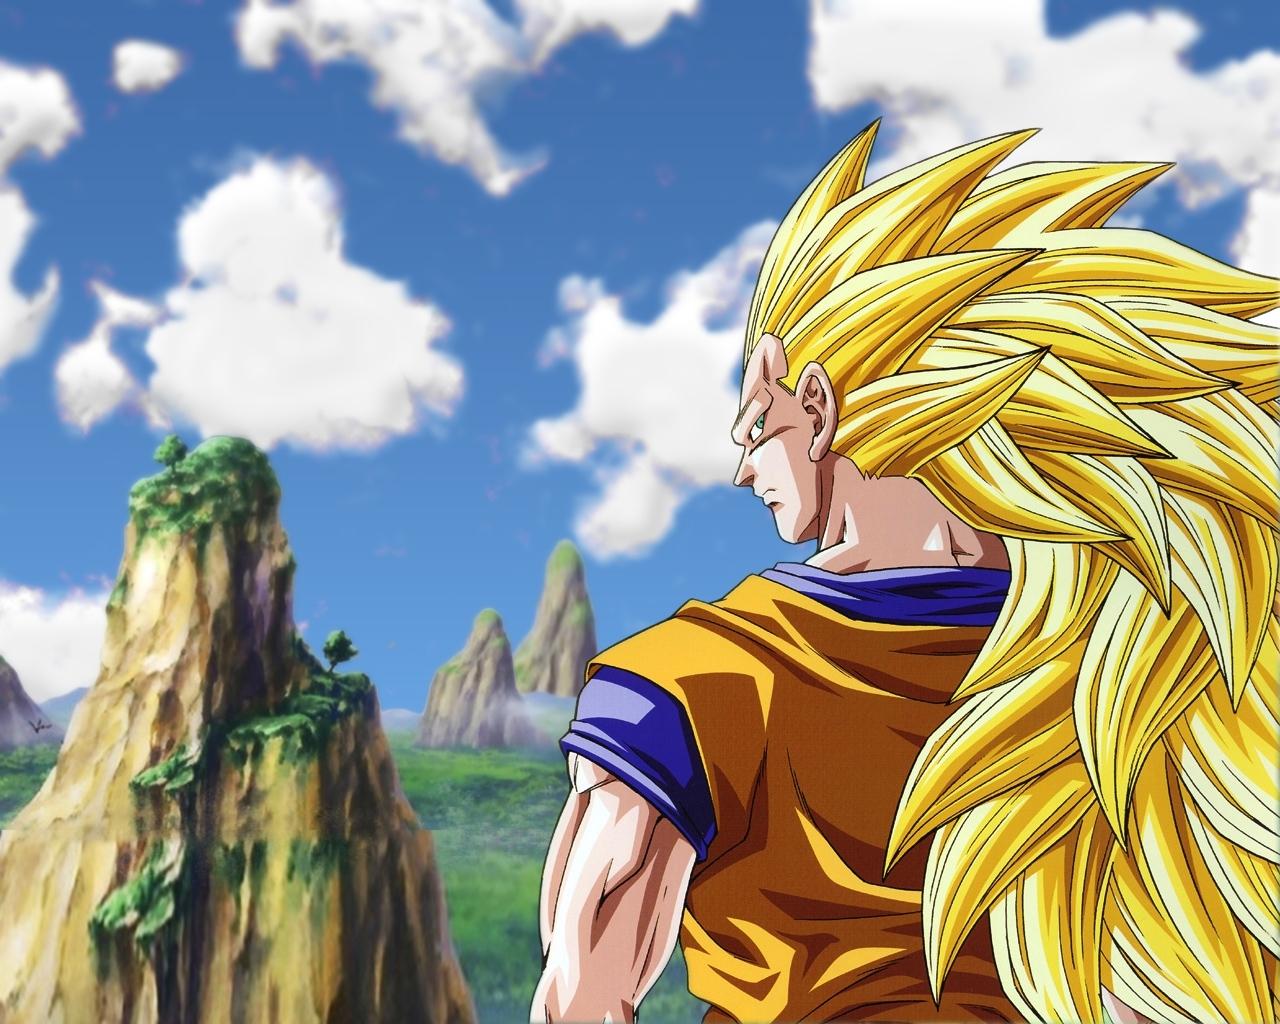 Super Saiyan 3 Wallpaper 1   Dragonball Z Movie Characters Wallpaper 1280x1024